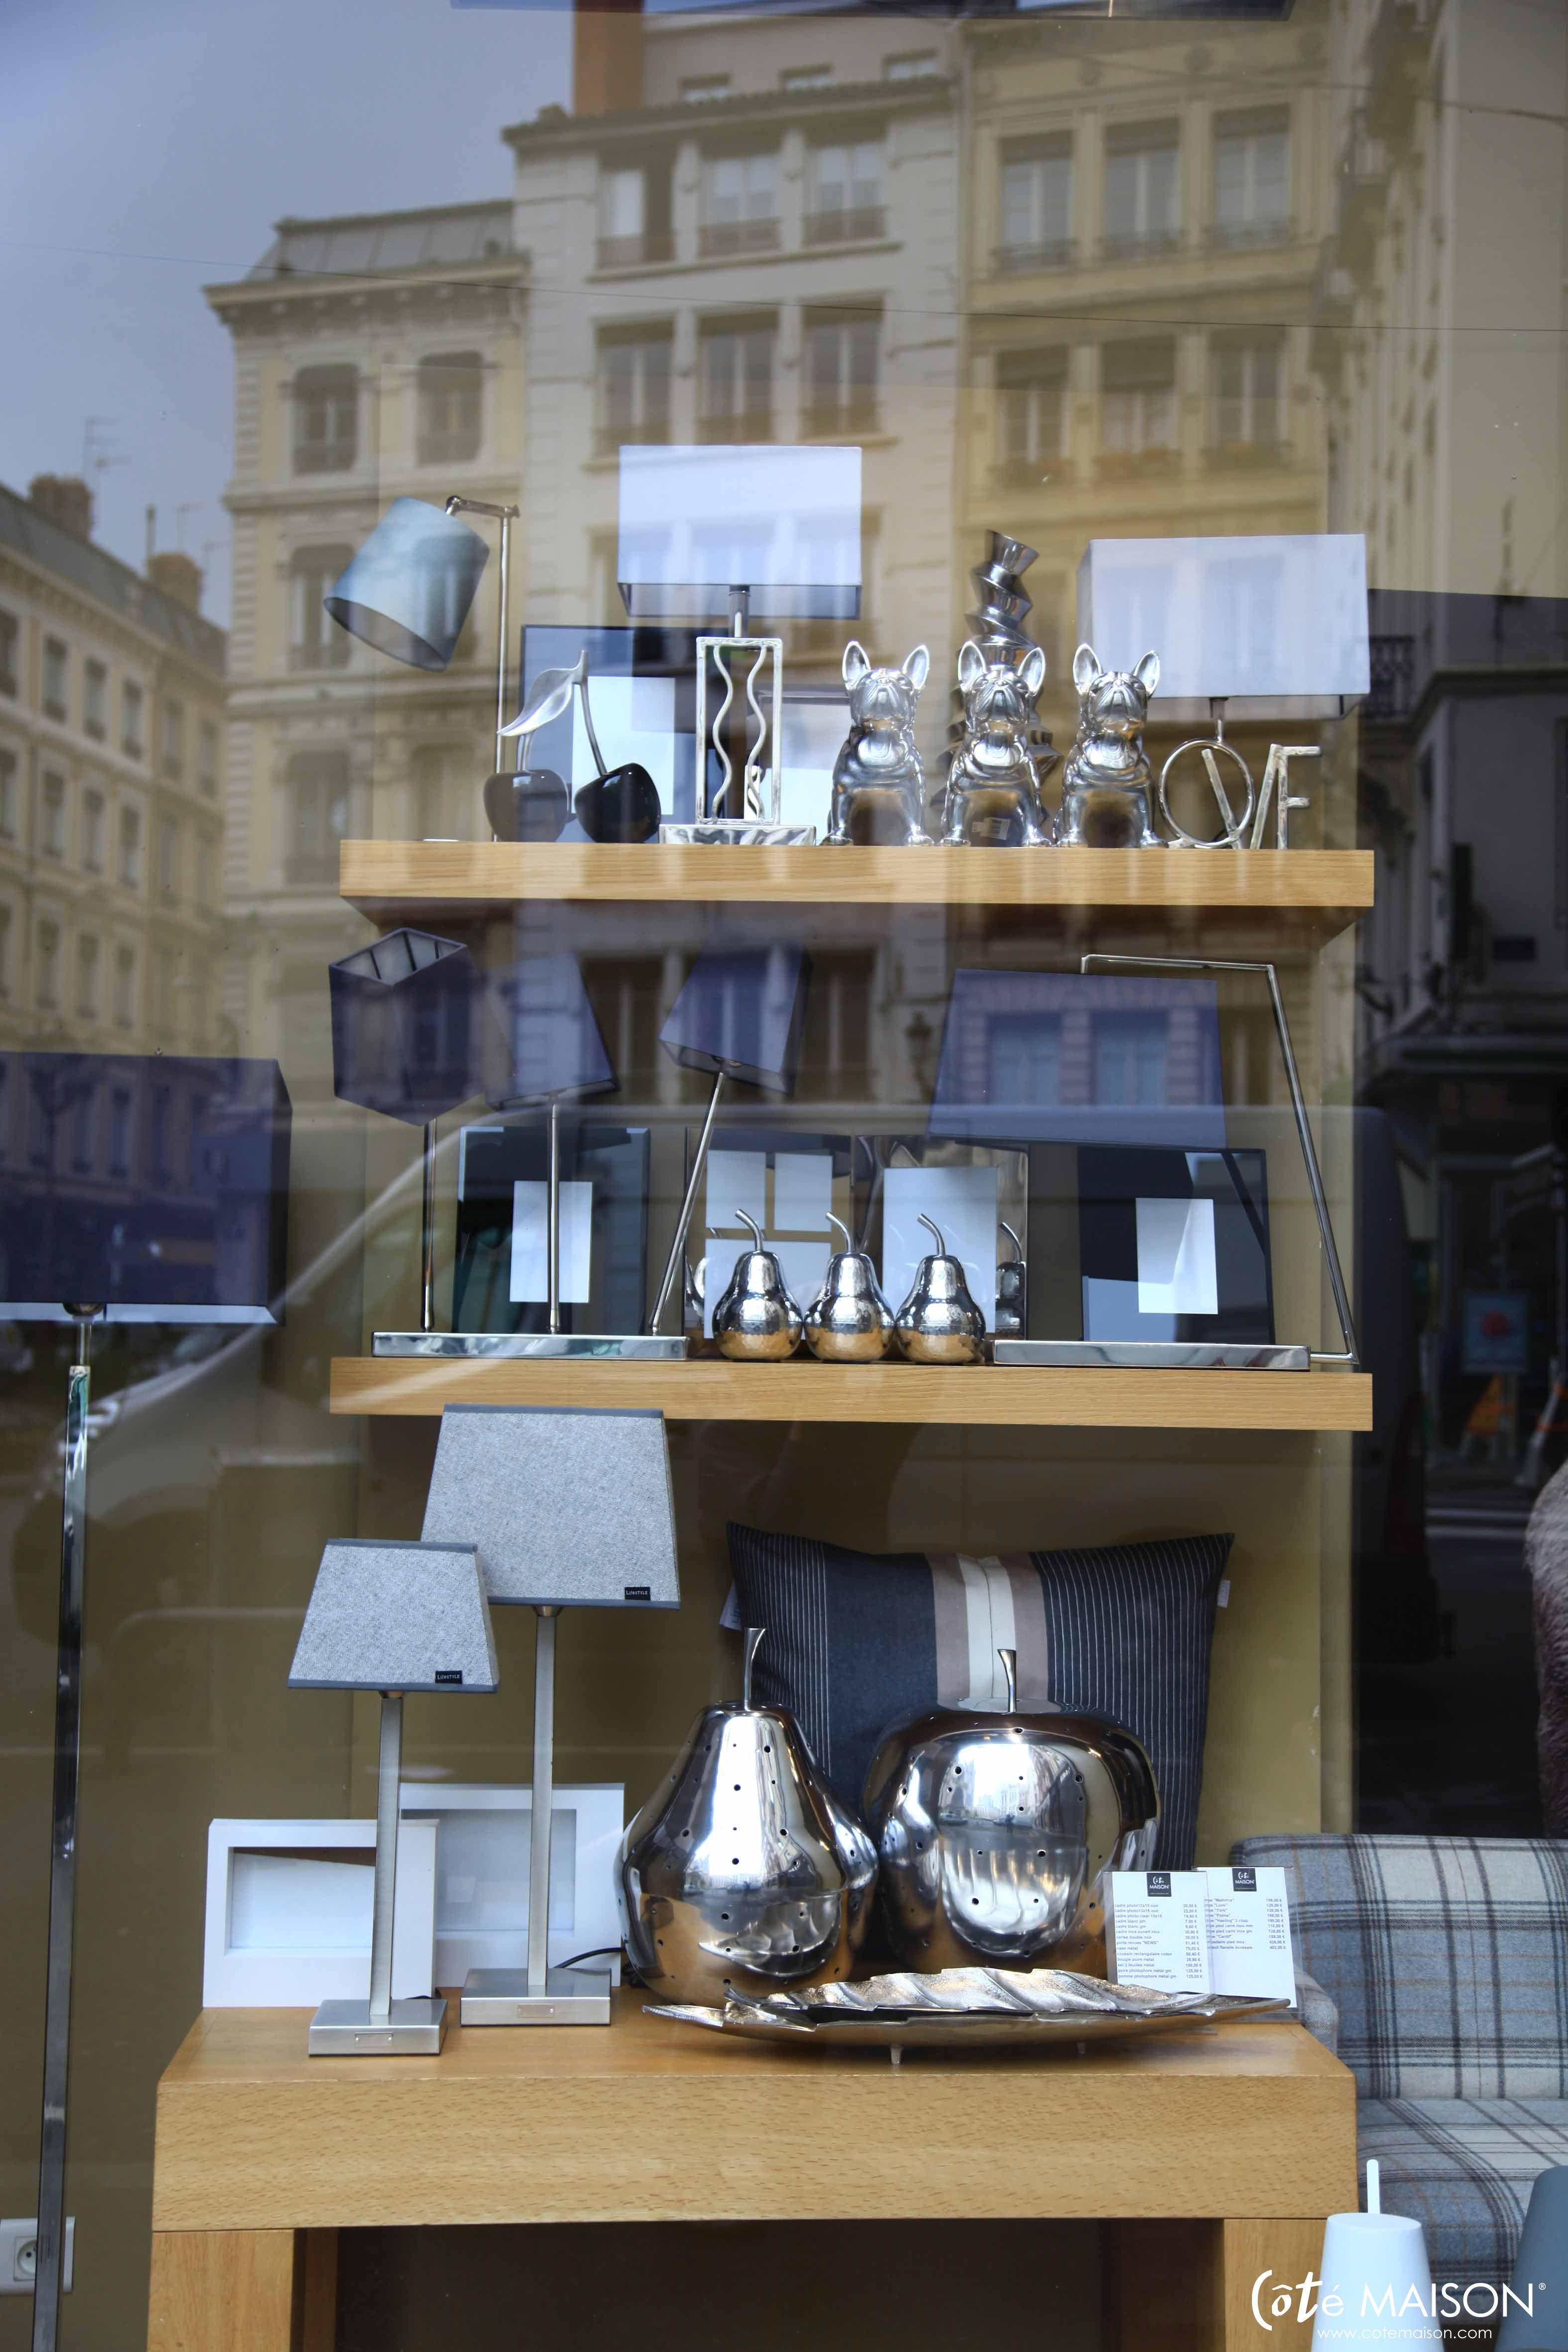 vitrines de mai c t maison lyon 2 me les magasins et. Black Bedroom Furniture Sets. Home Design Ideas